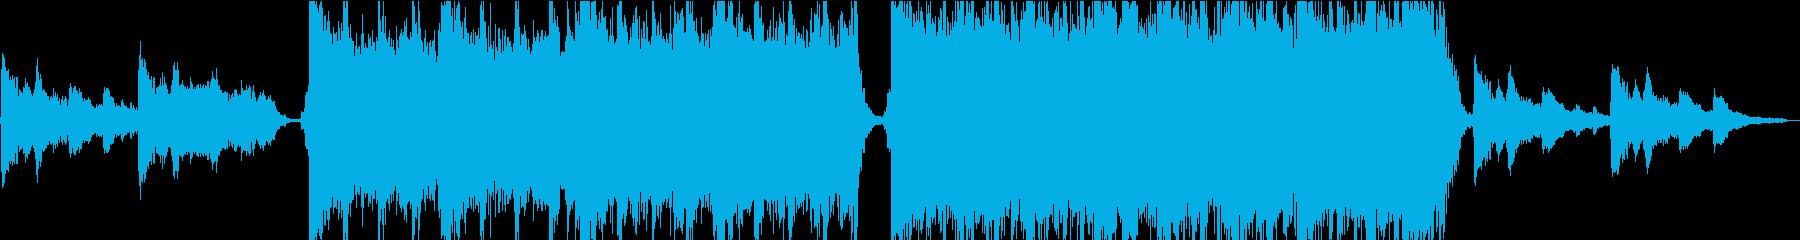 電気音響シンフォニー クラシック交...の再生済みの波形